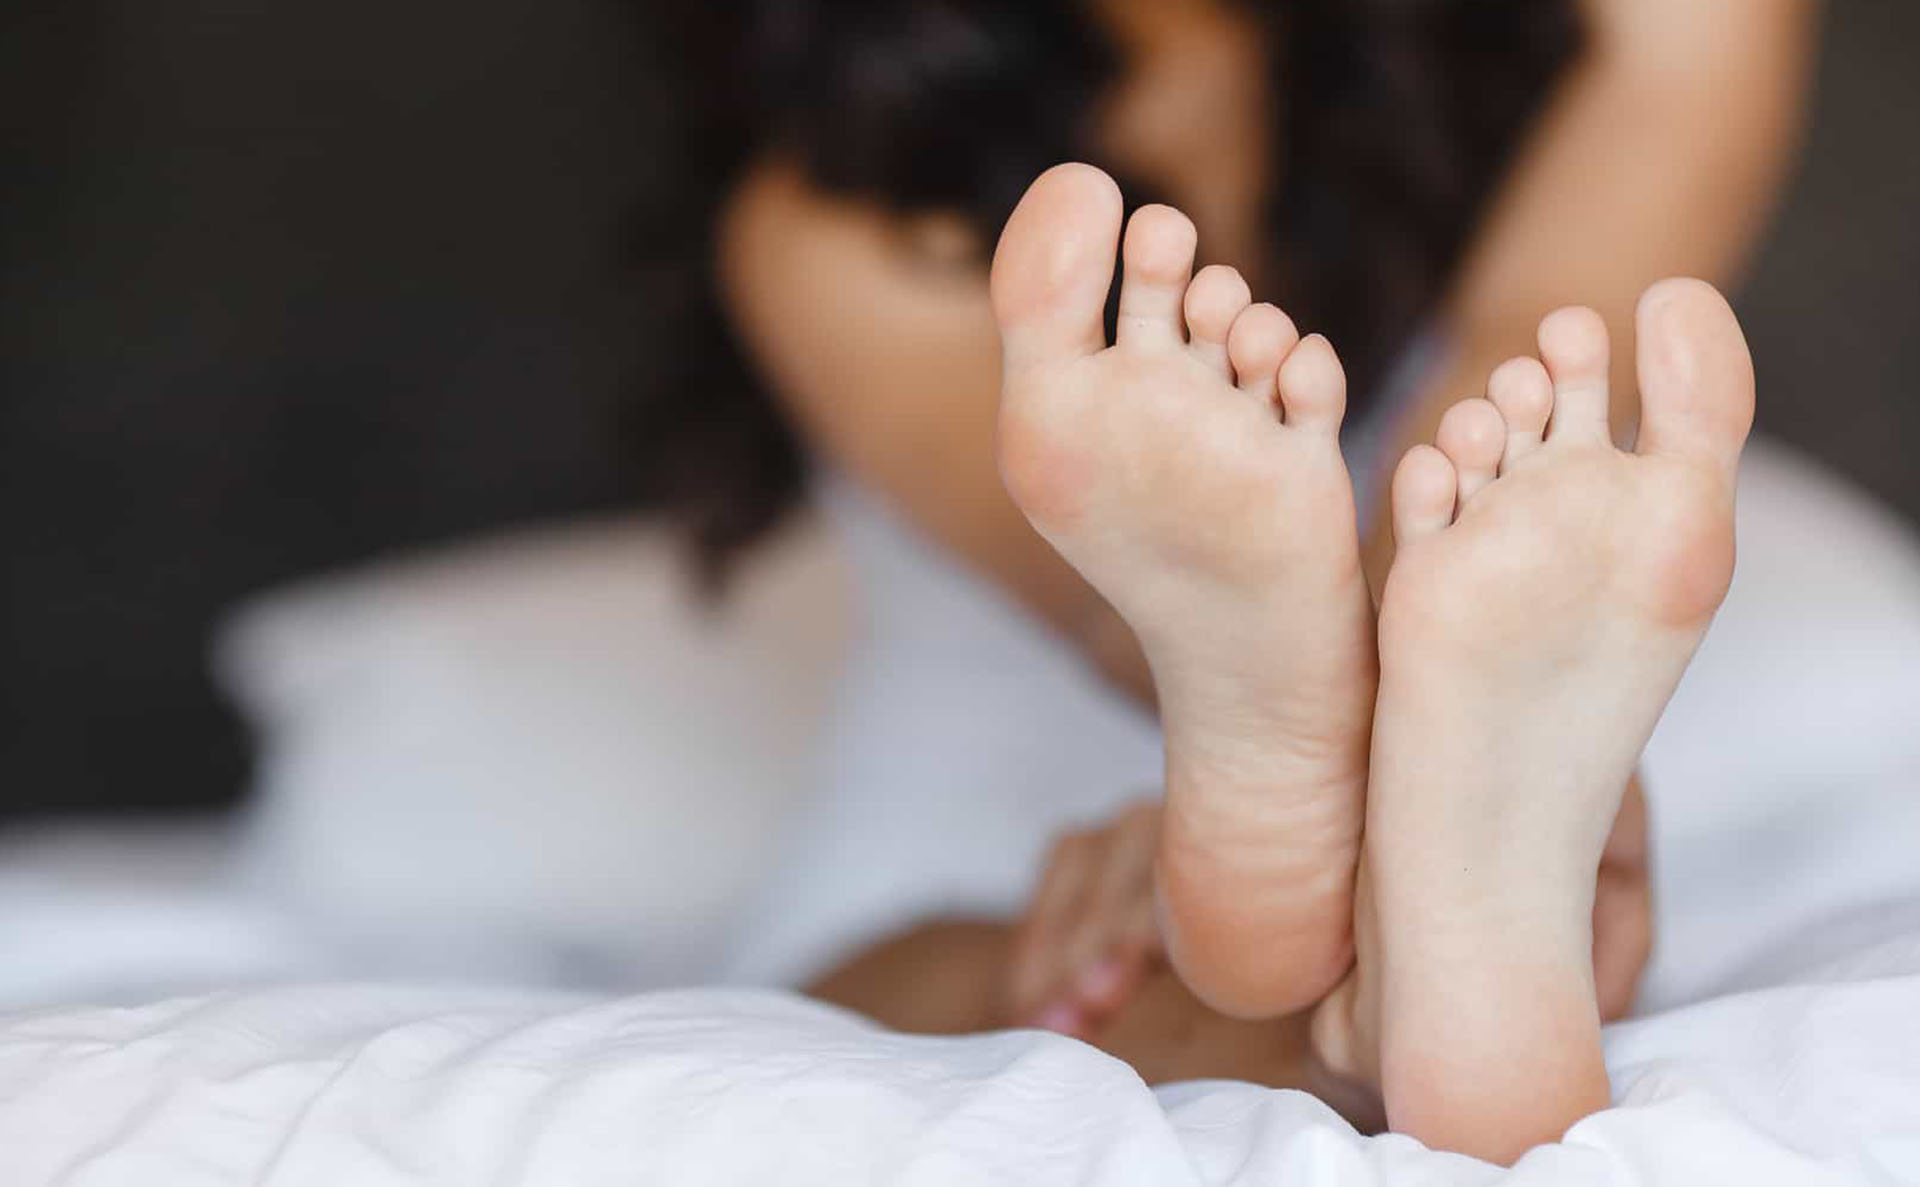 Pourquoi se masser les pieds avant d'aller se coucher